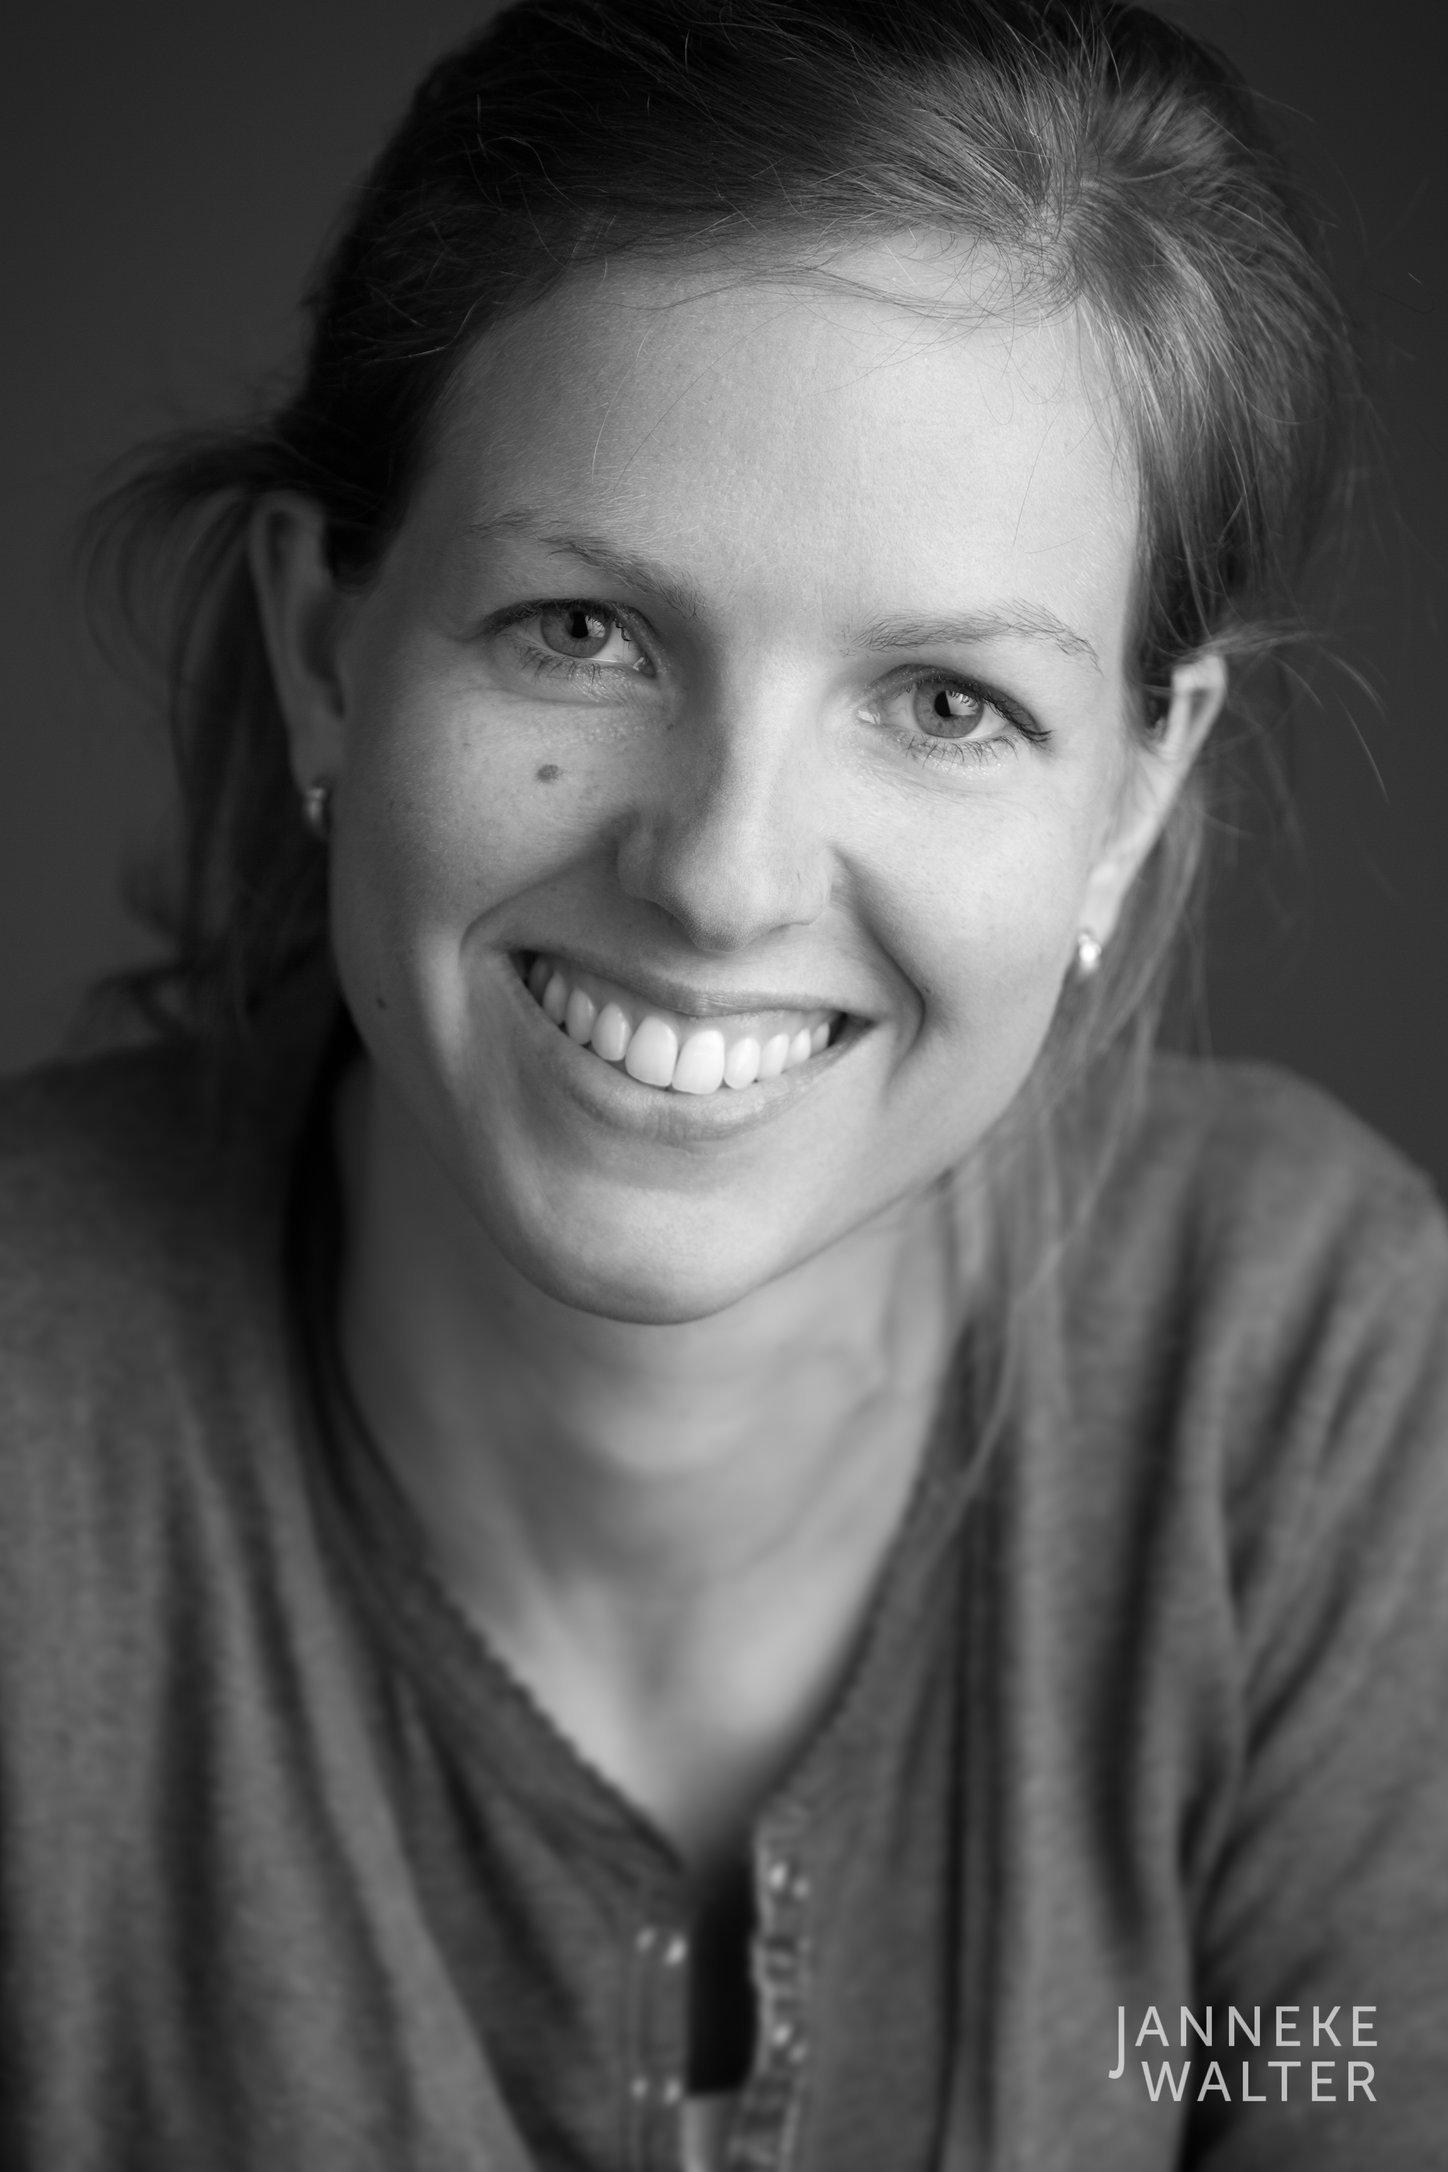 zakelijke portretfoto profielfoto vrouw 4 © Janneke Walter, portretfotograaf Utrecht, De Bilt, portretfotografie, sociale media, LinkedIn, CV